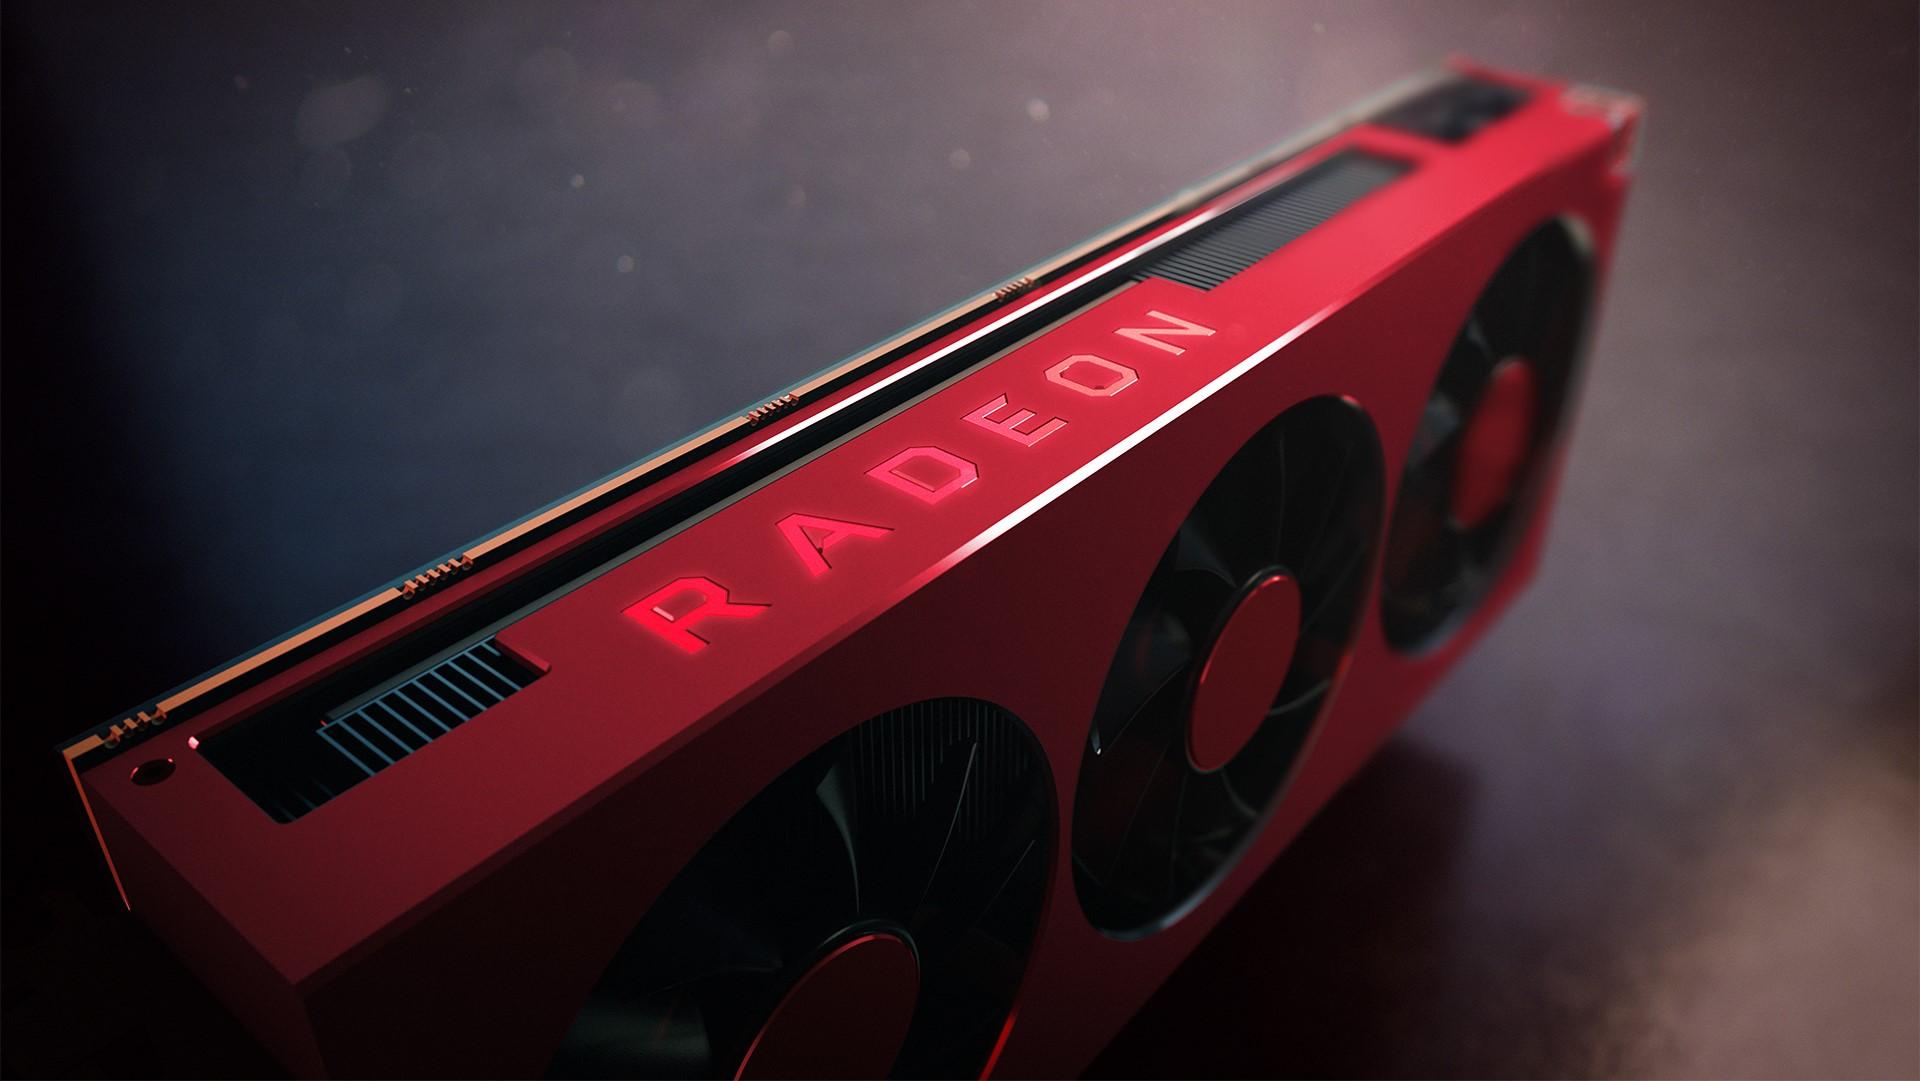 Radeon RX 5600 XT mettre son vBIOS à jour!